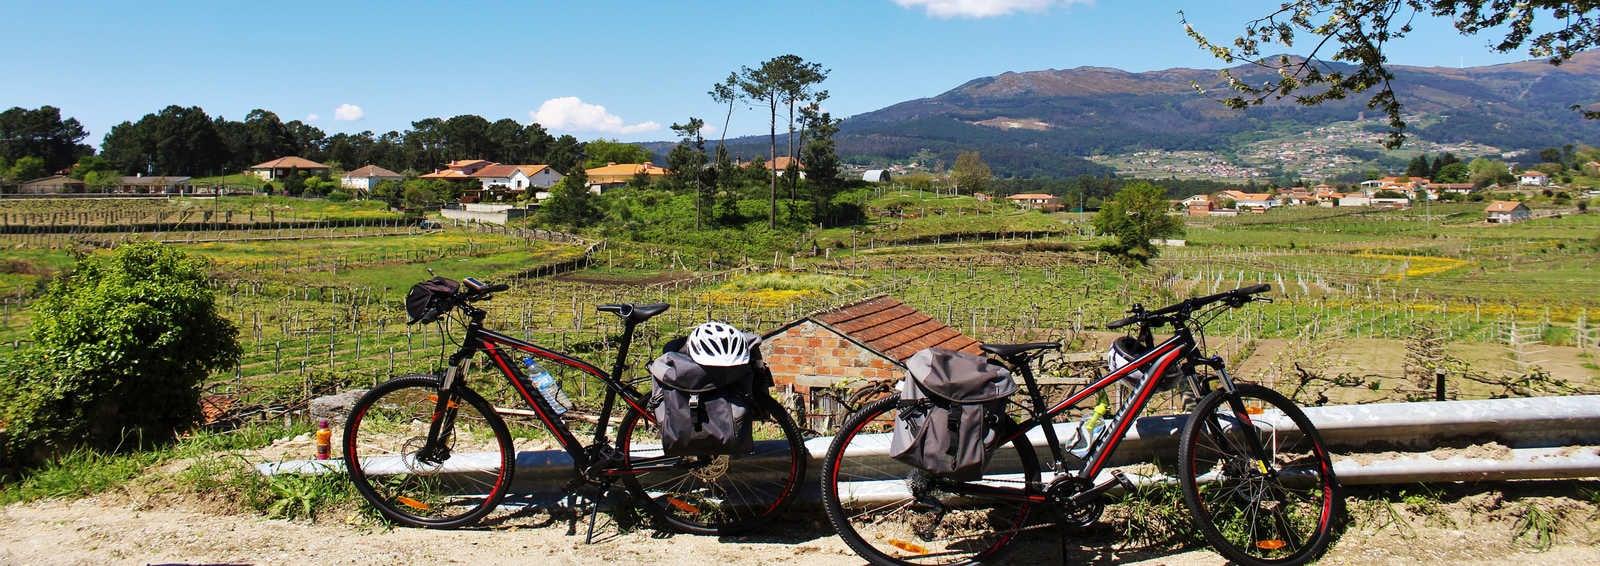 Bikes in Portugal